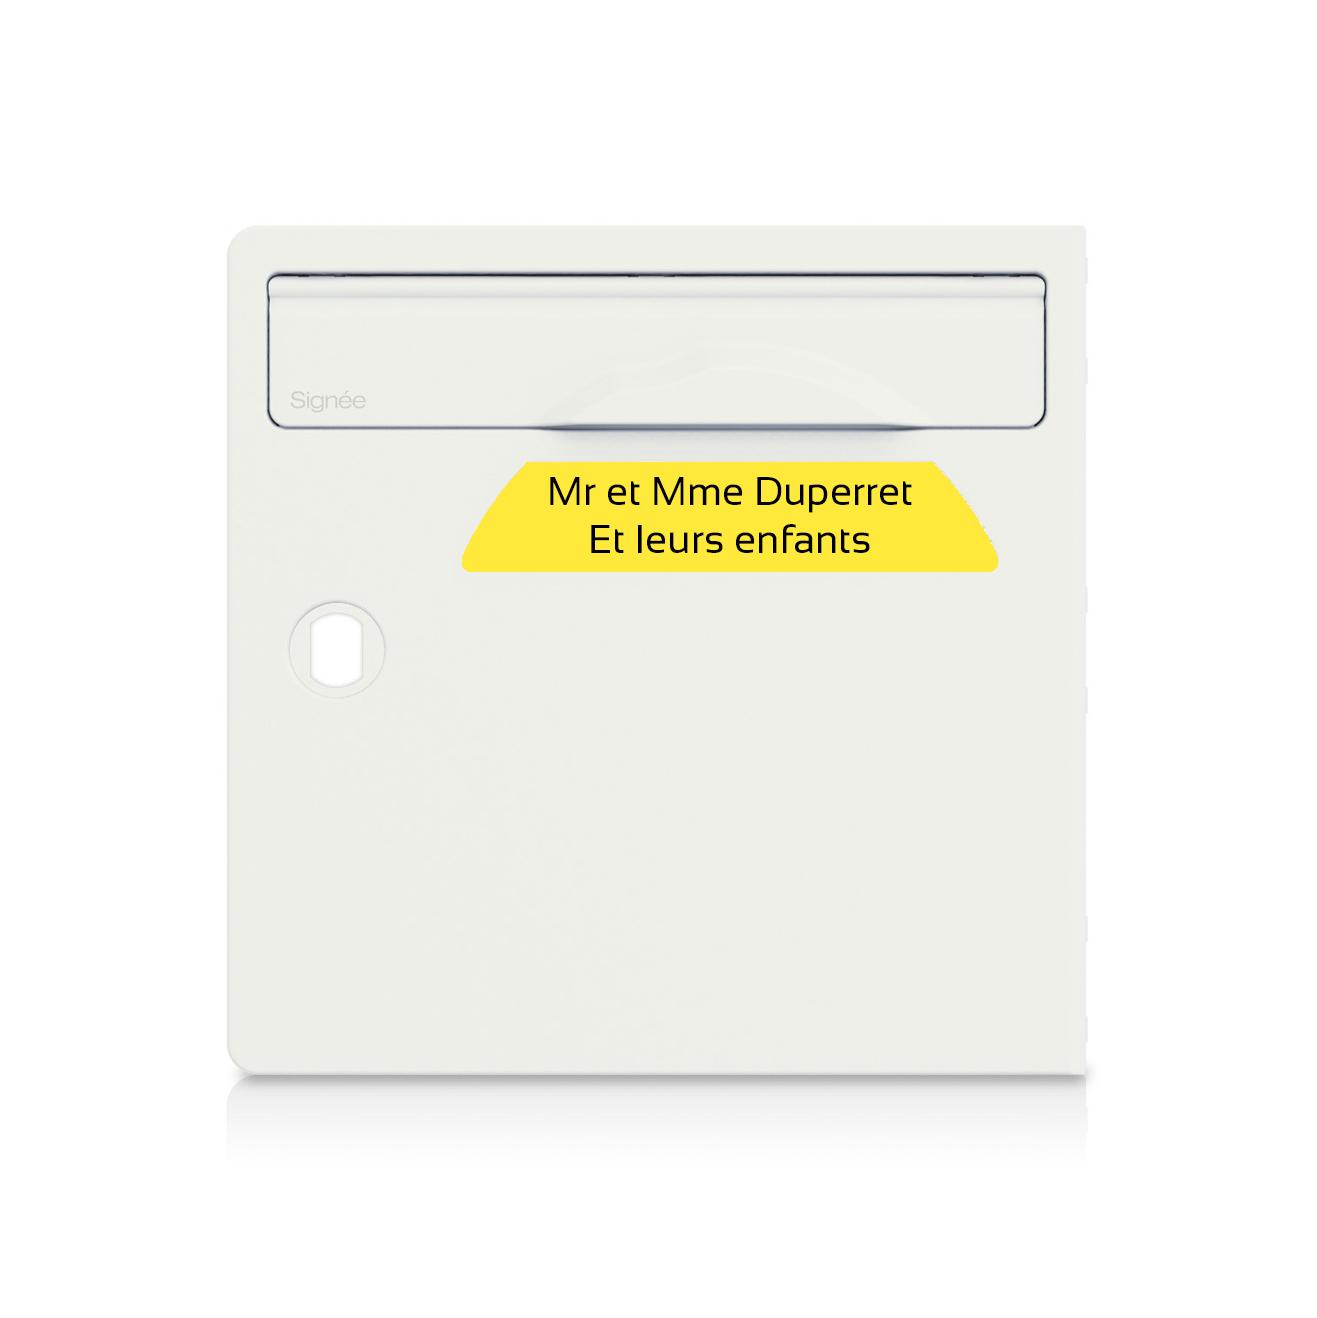 plaque boite aux lettres Signée jaune lettres noires - 2 lignes